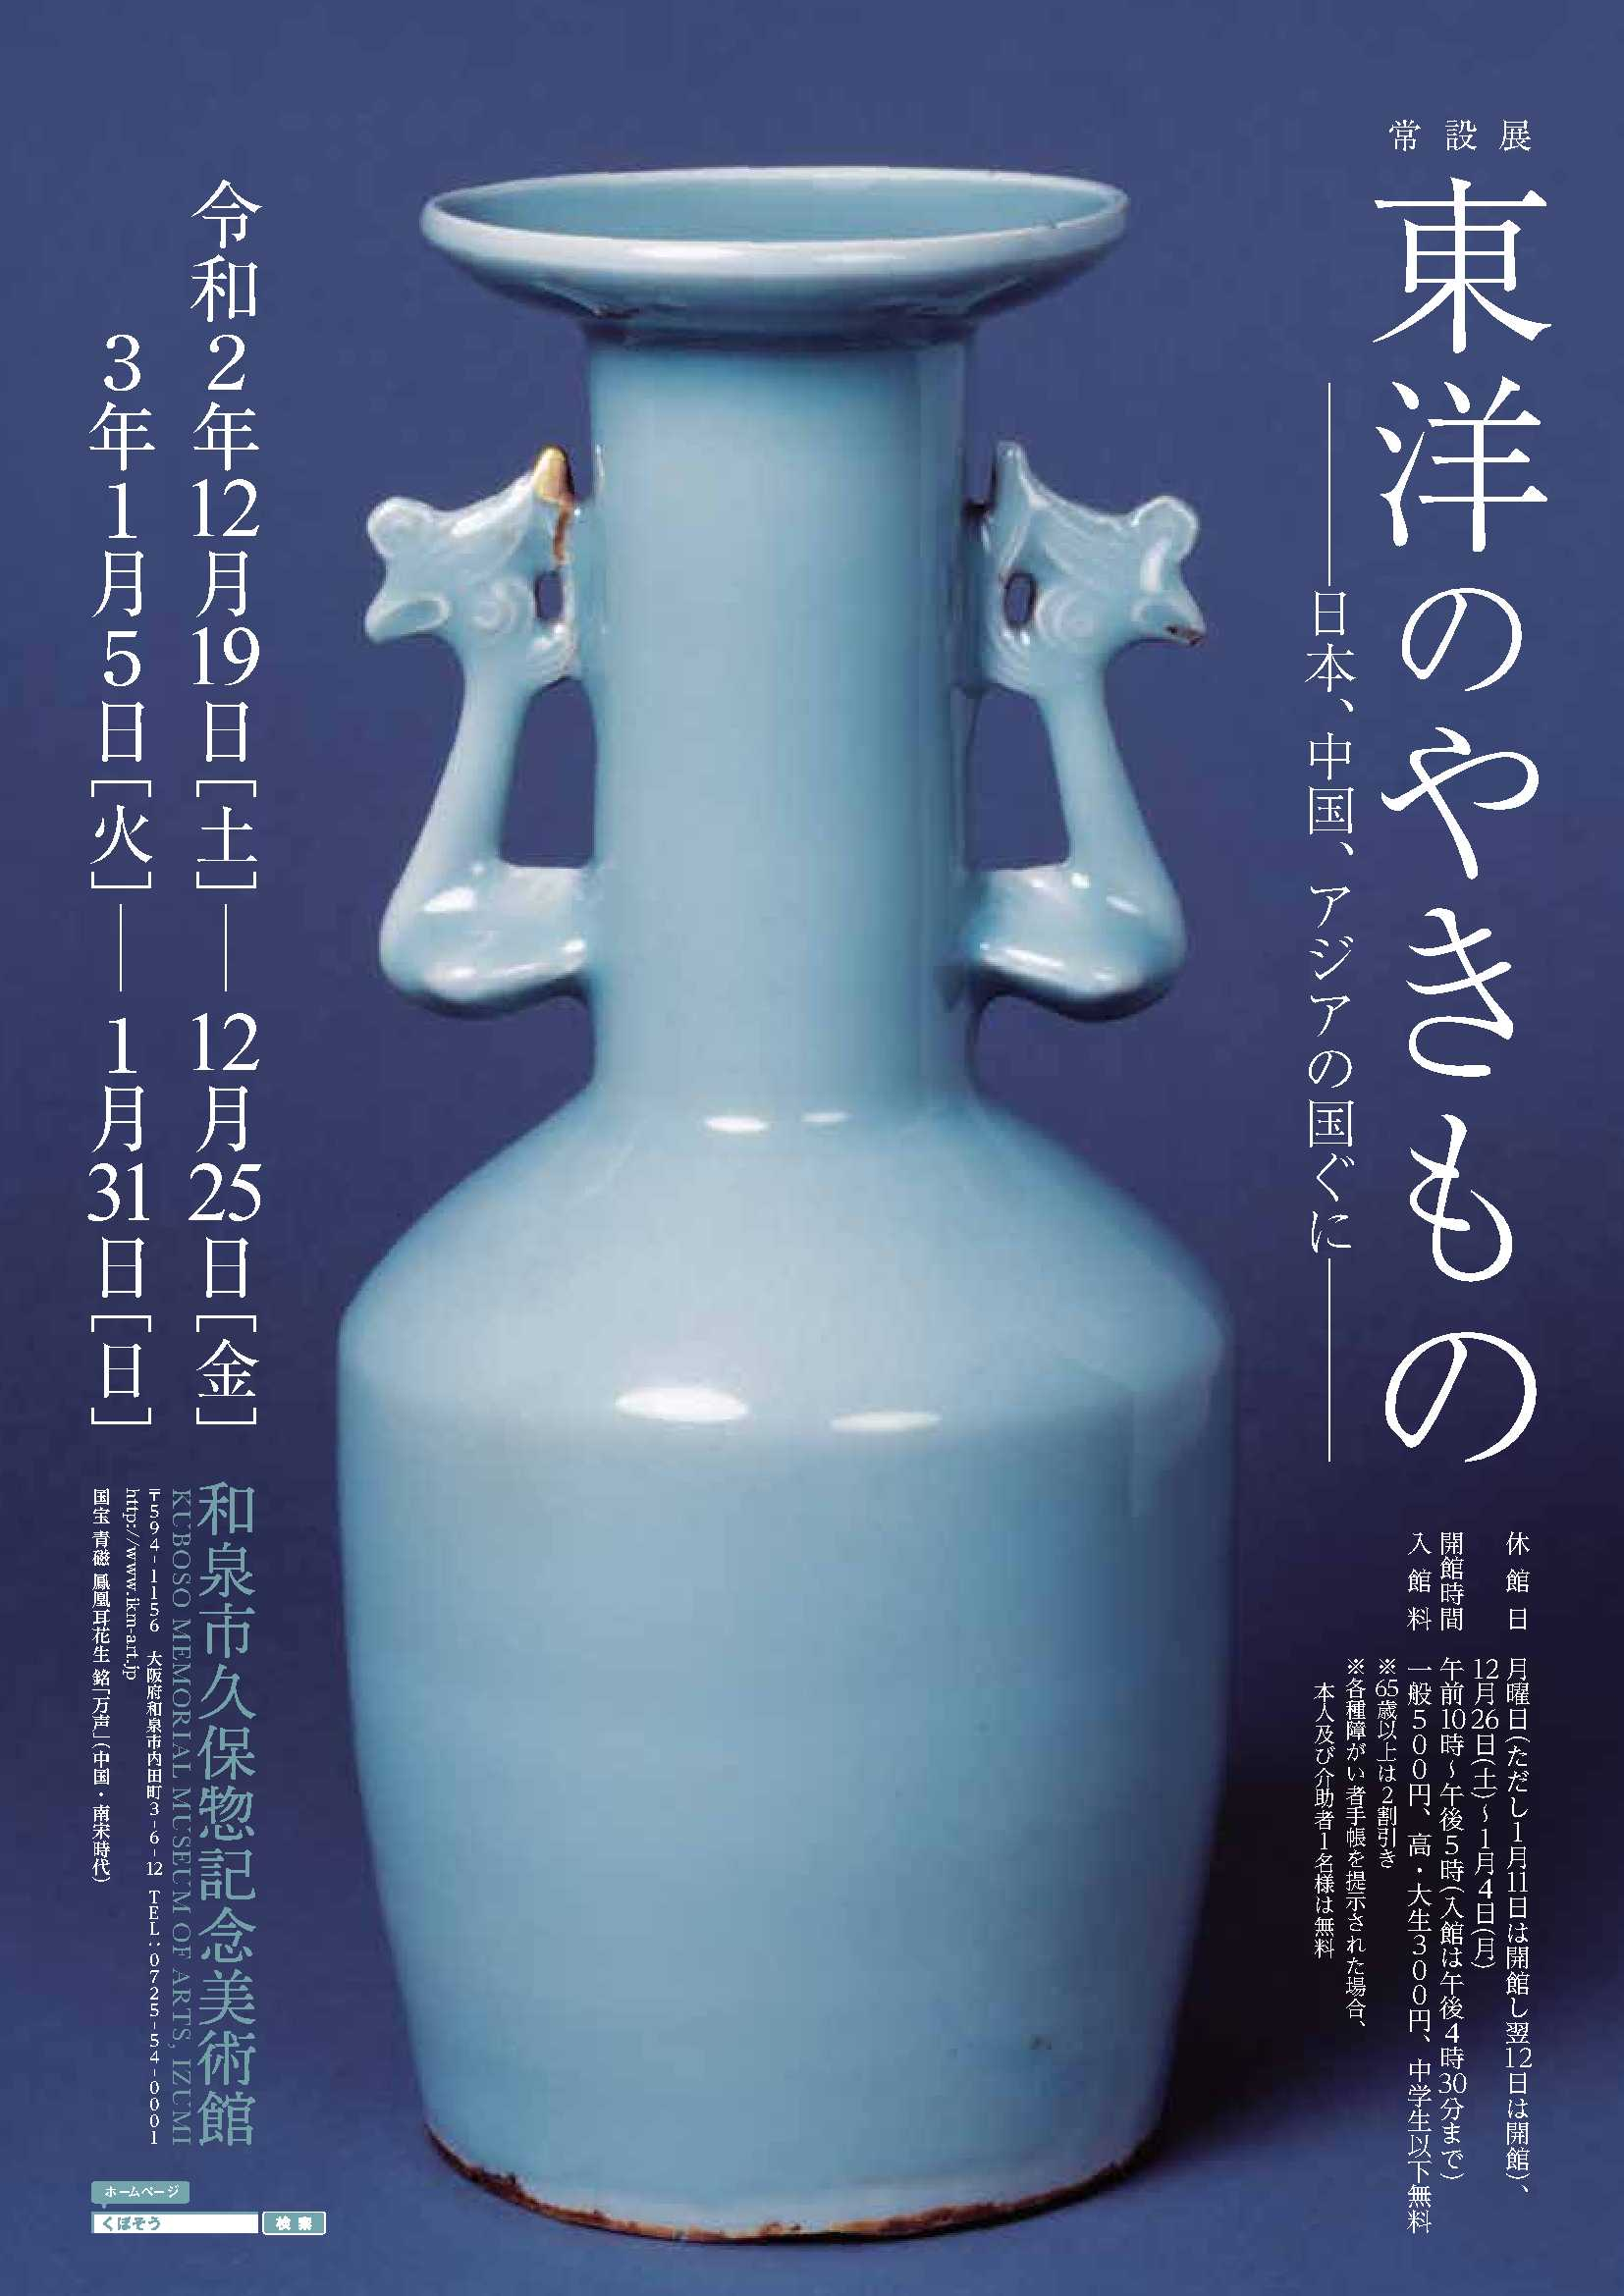 【終了】2020年12月19日(土)~常設展 東洋のやきもの―日本、中国、アジアの国ぐに―和泉市久保惣記念美術館